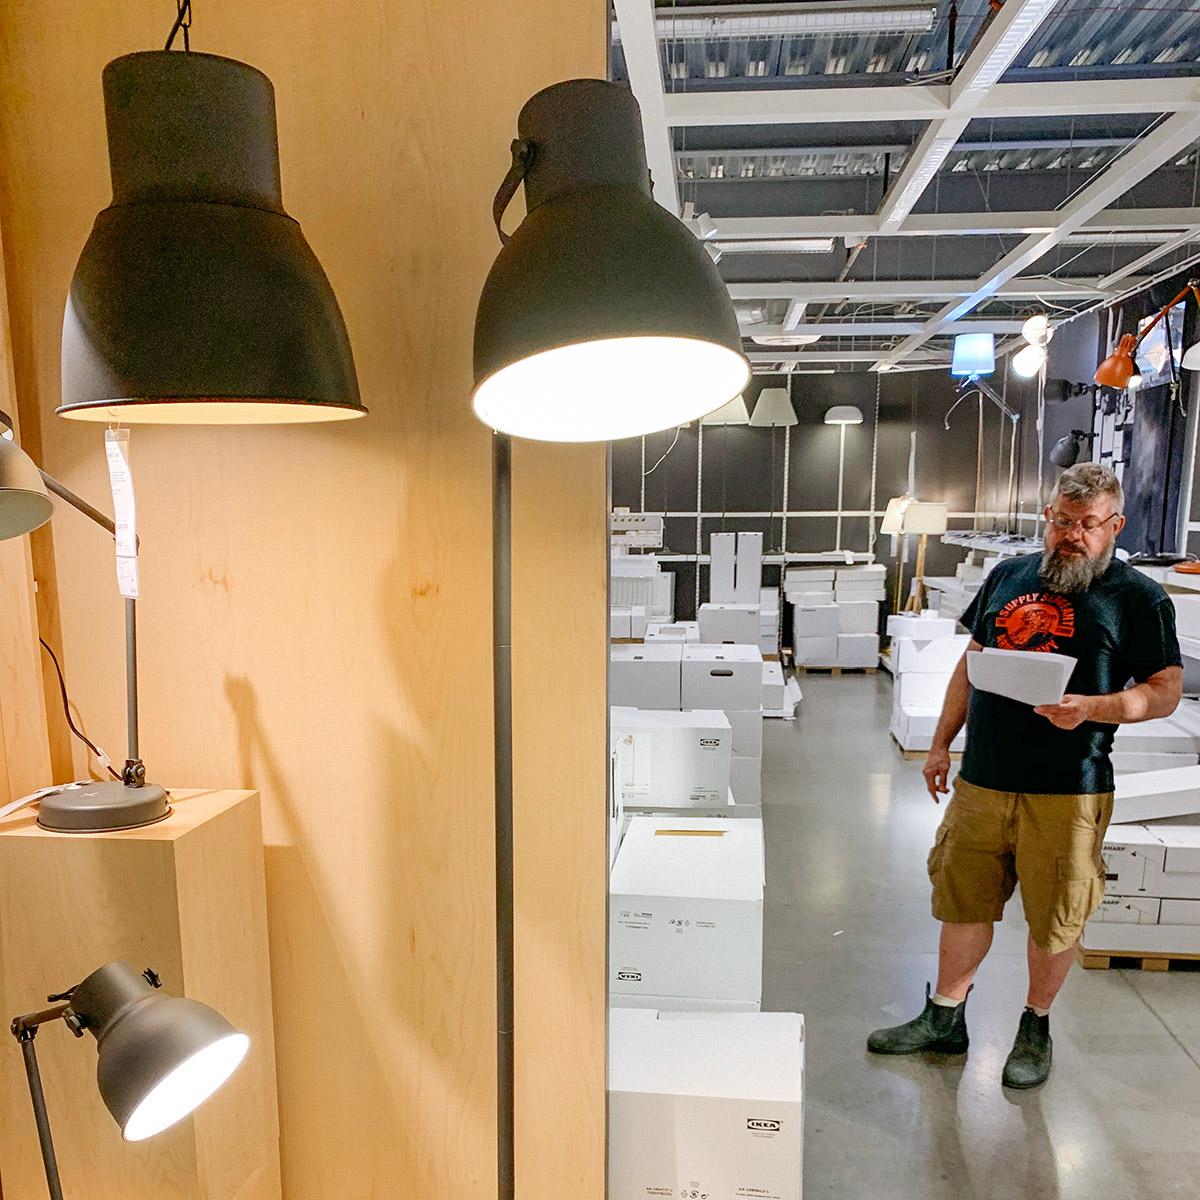 A man in IKEA